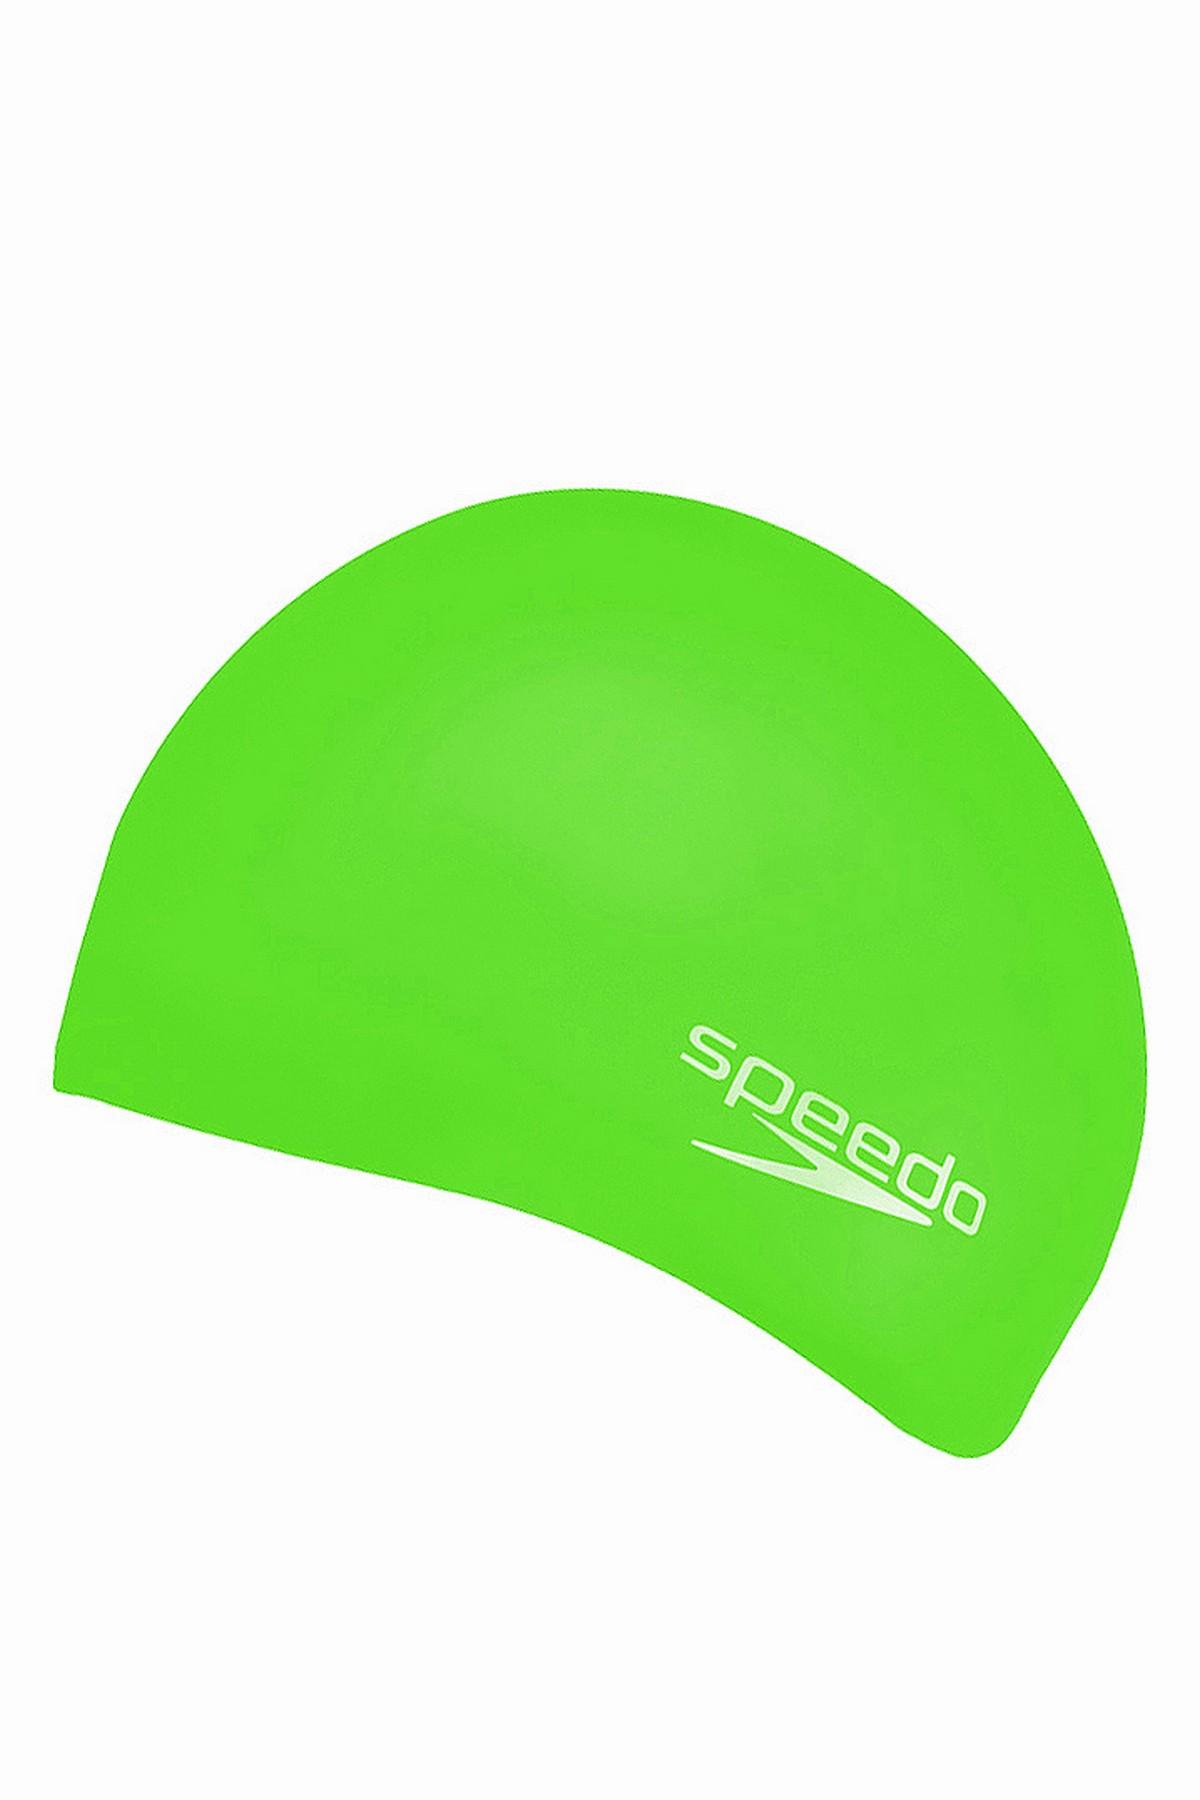 Speedo Plain Moud Silikon Çocuk Yüzücü Bonesi Yeşil (8-709906526-Y)